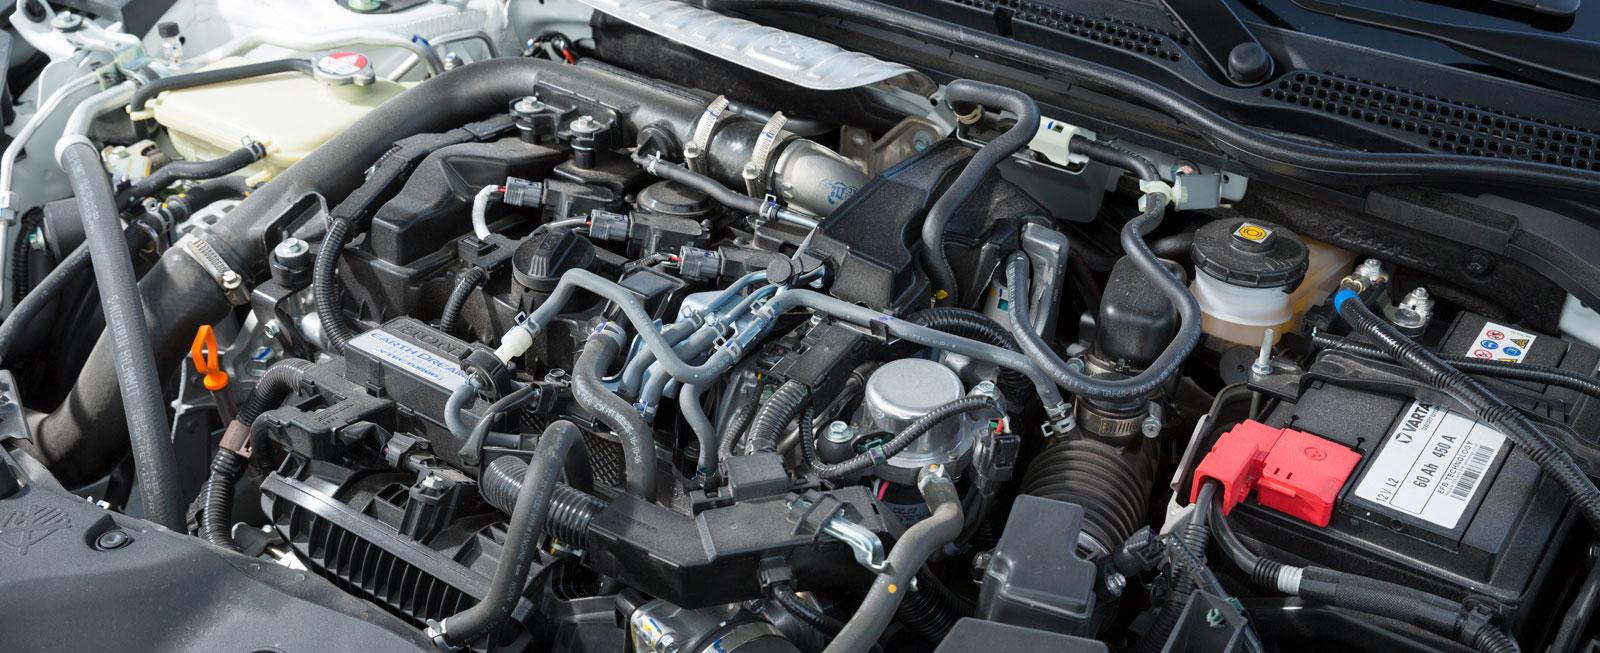 Enlitersmotorn ger hela 129 hk och har trevlig karaktär både vid normalkörning och när den pressas. Men riktigt lika snål som Skodas är den inte.